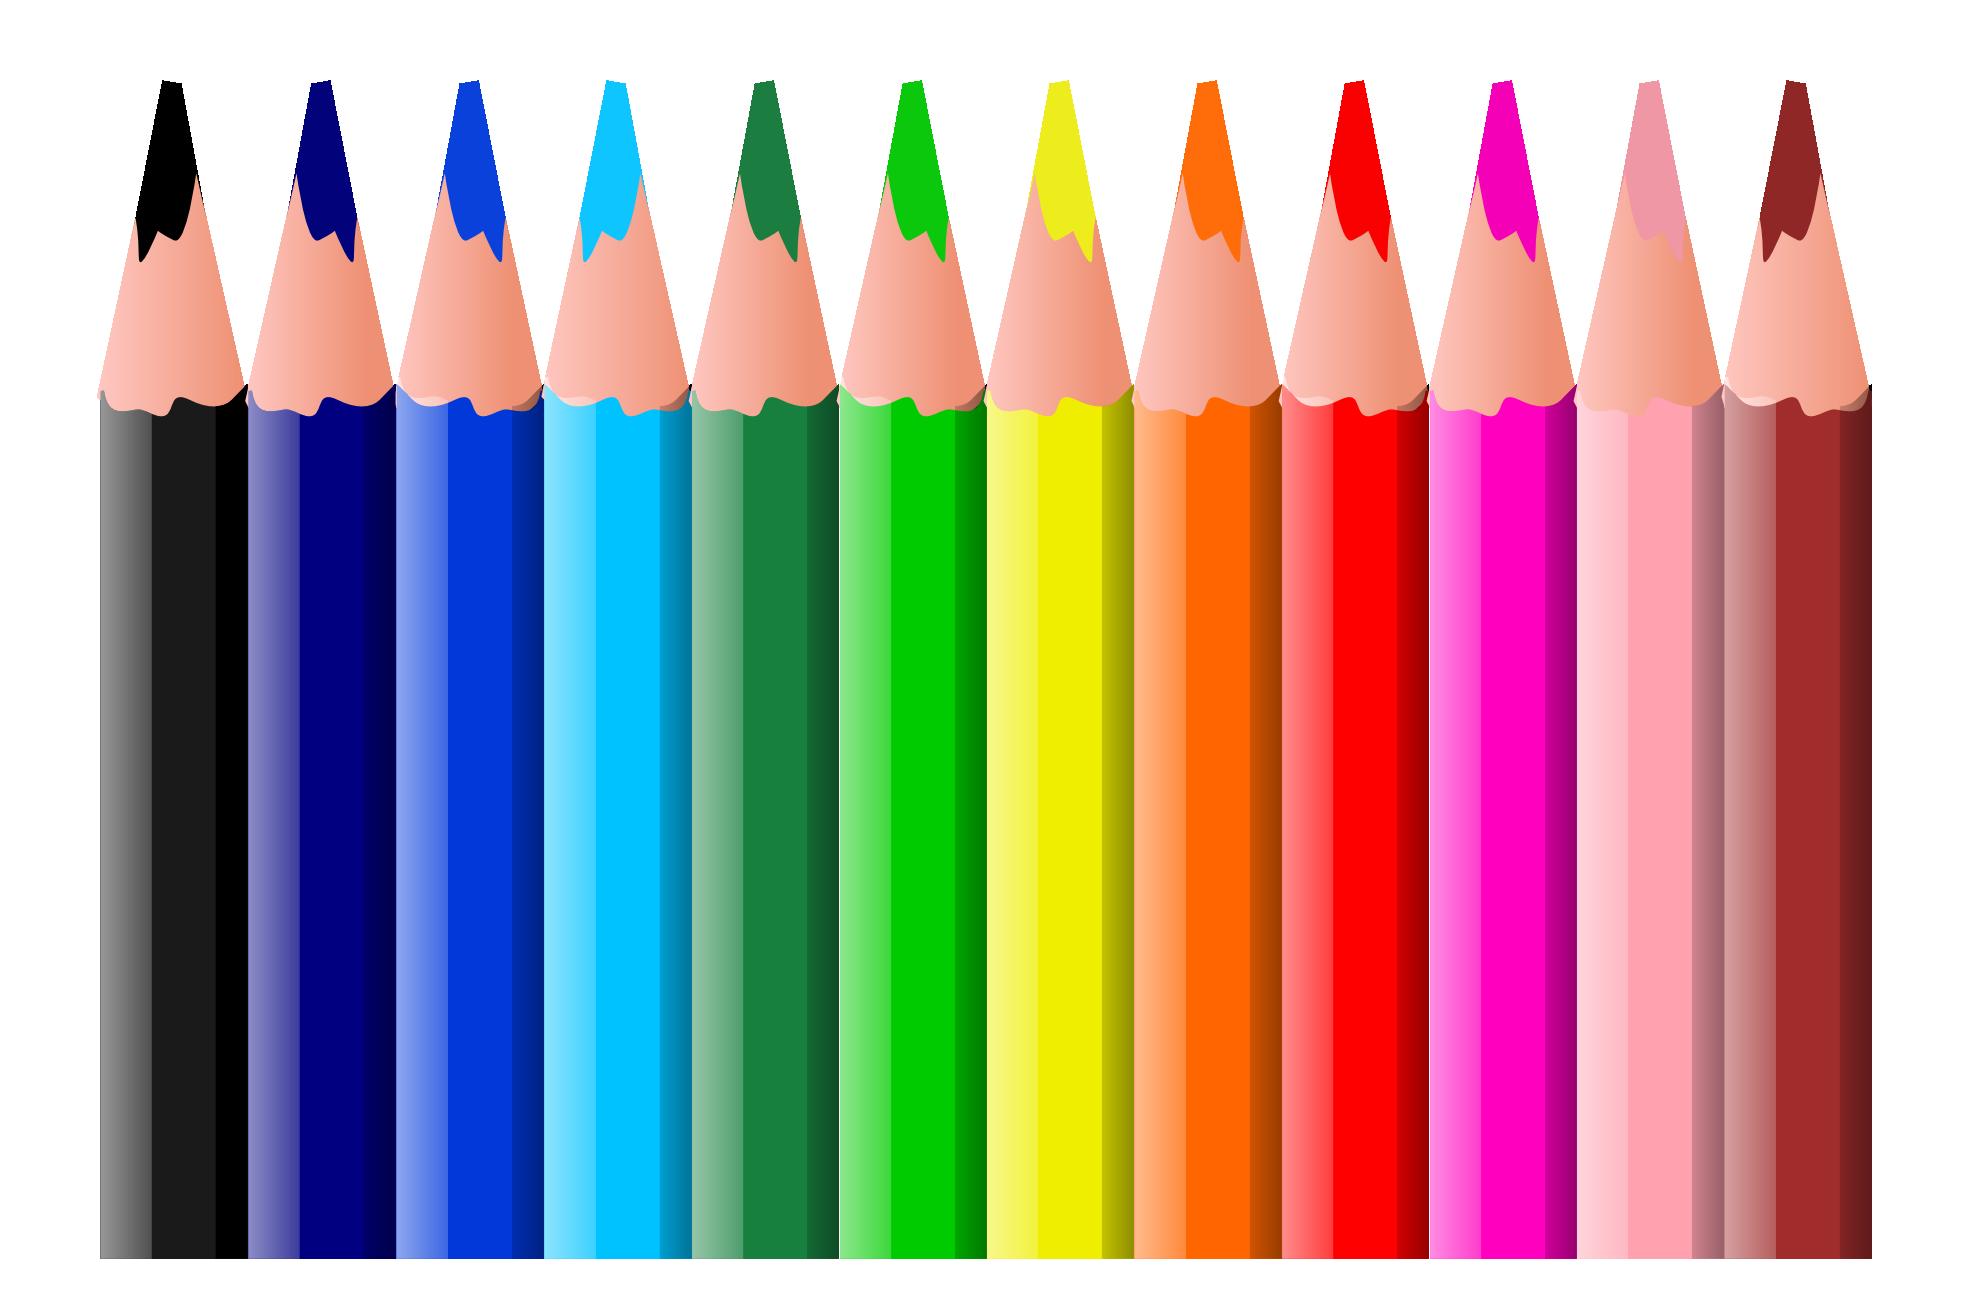 crayola colored pencil clipart